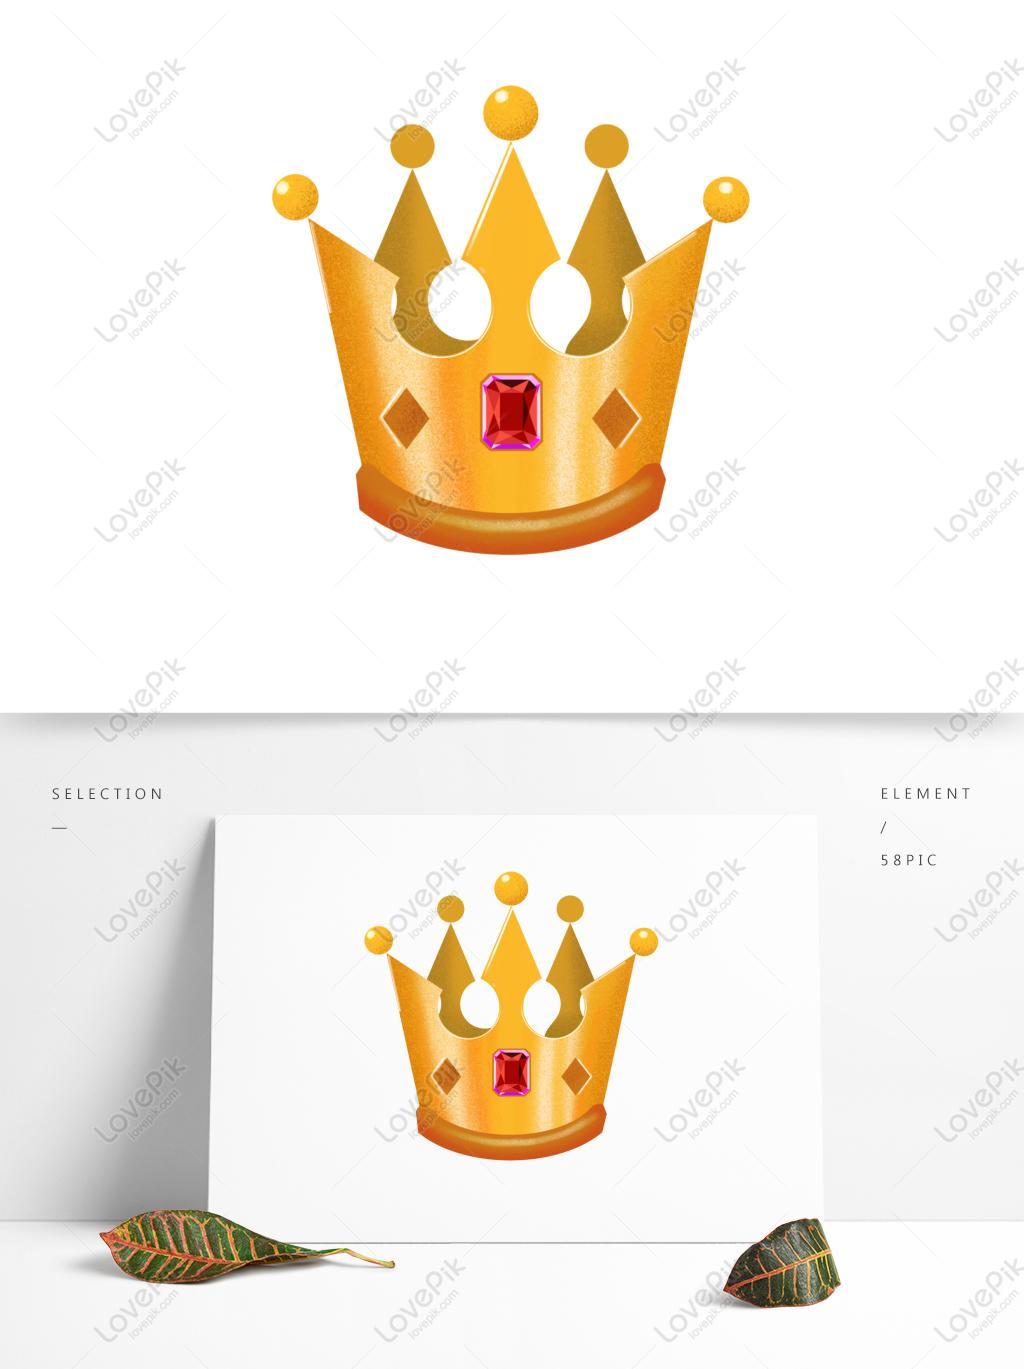 Pola mahkota ratu - setelah membuat mahkota raja dari